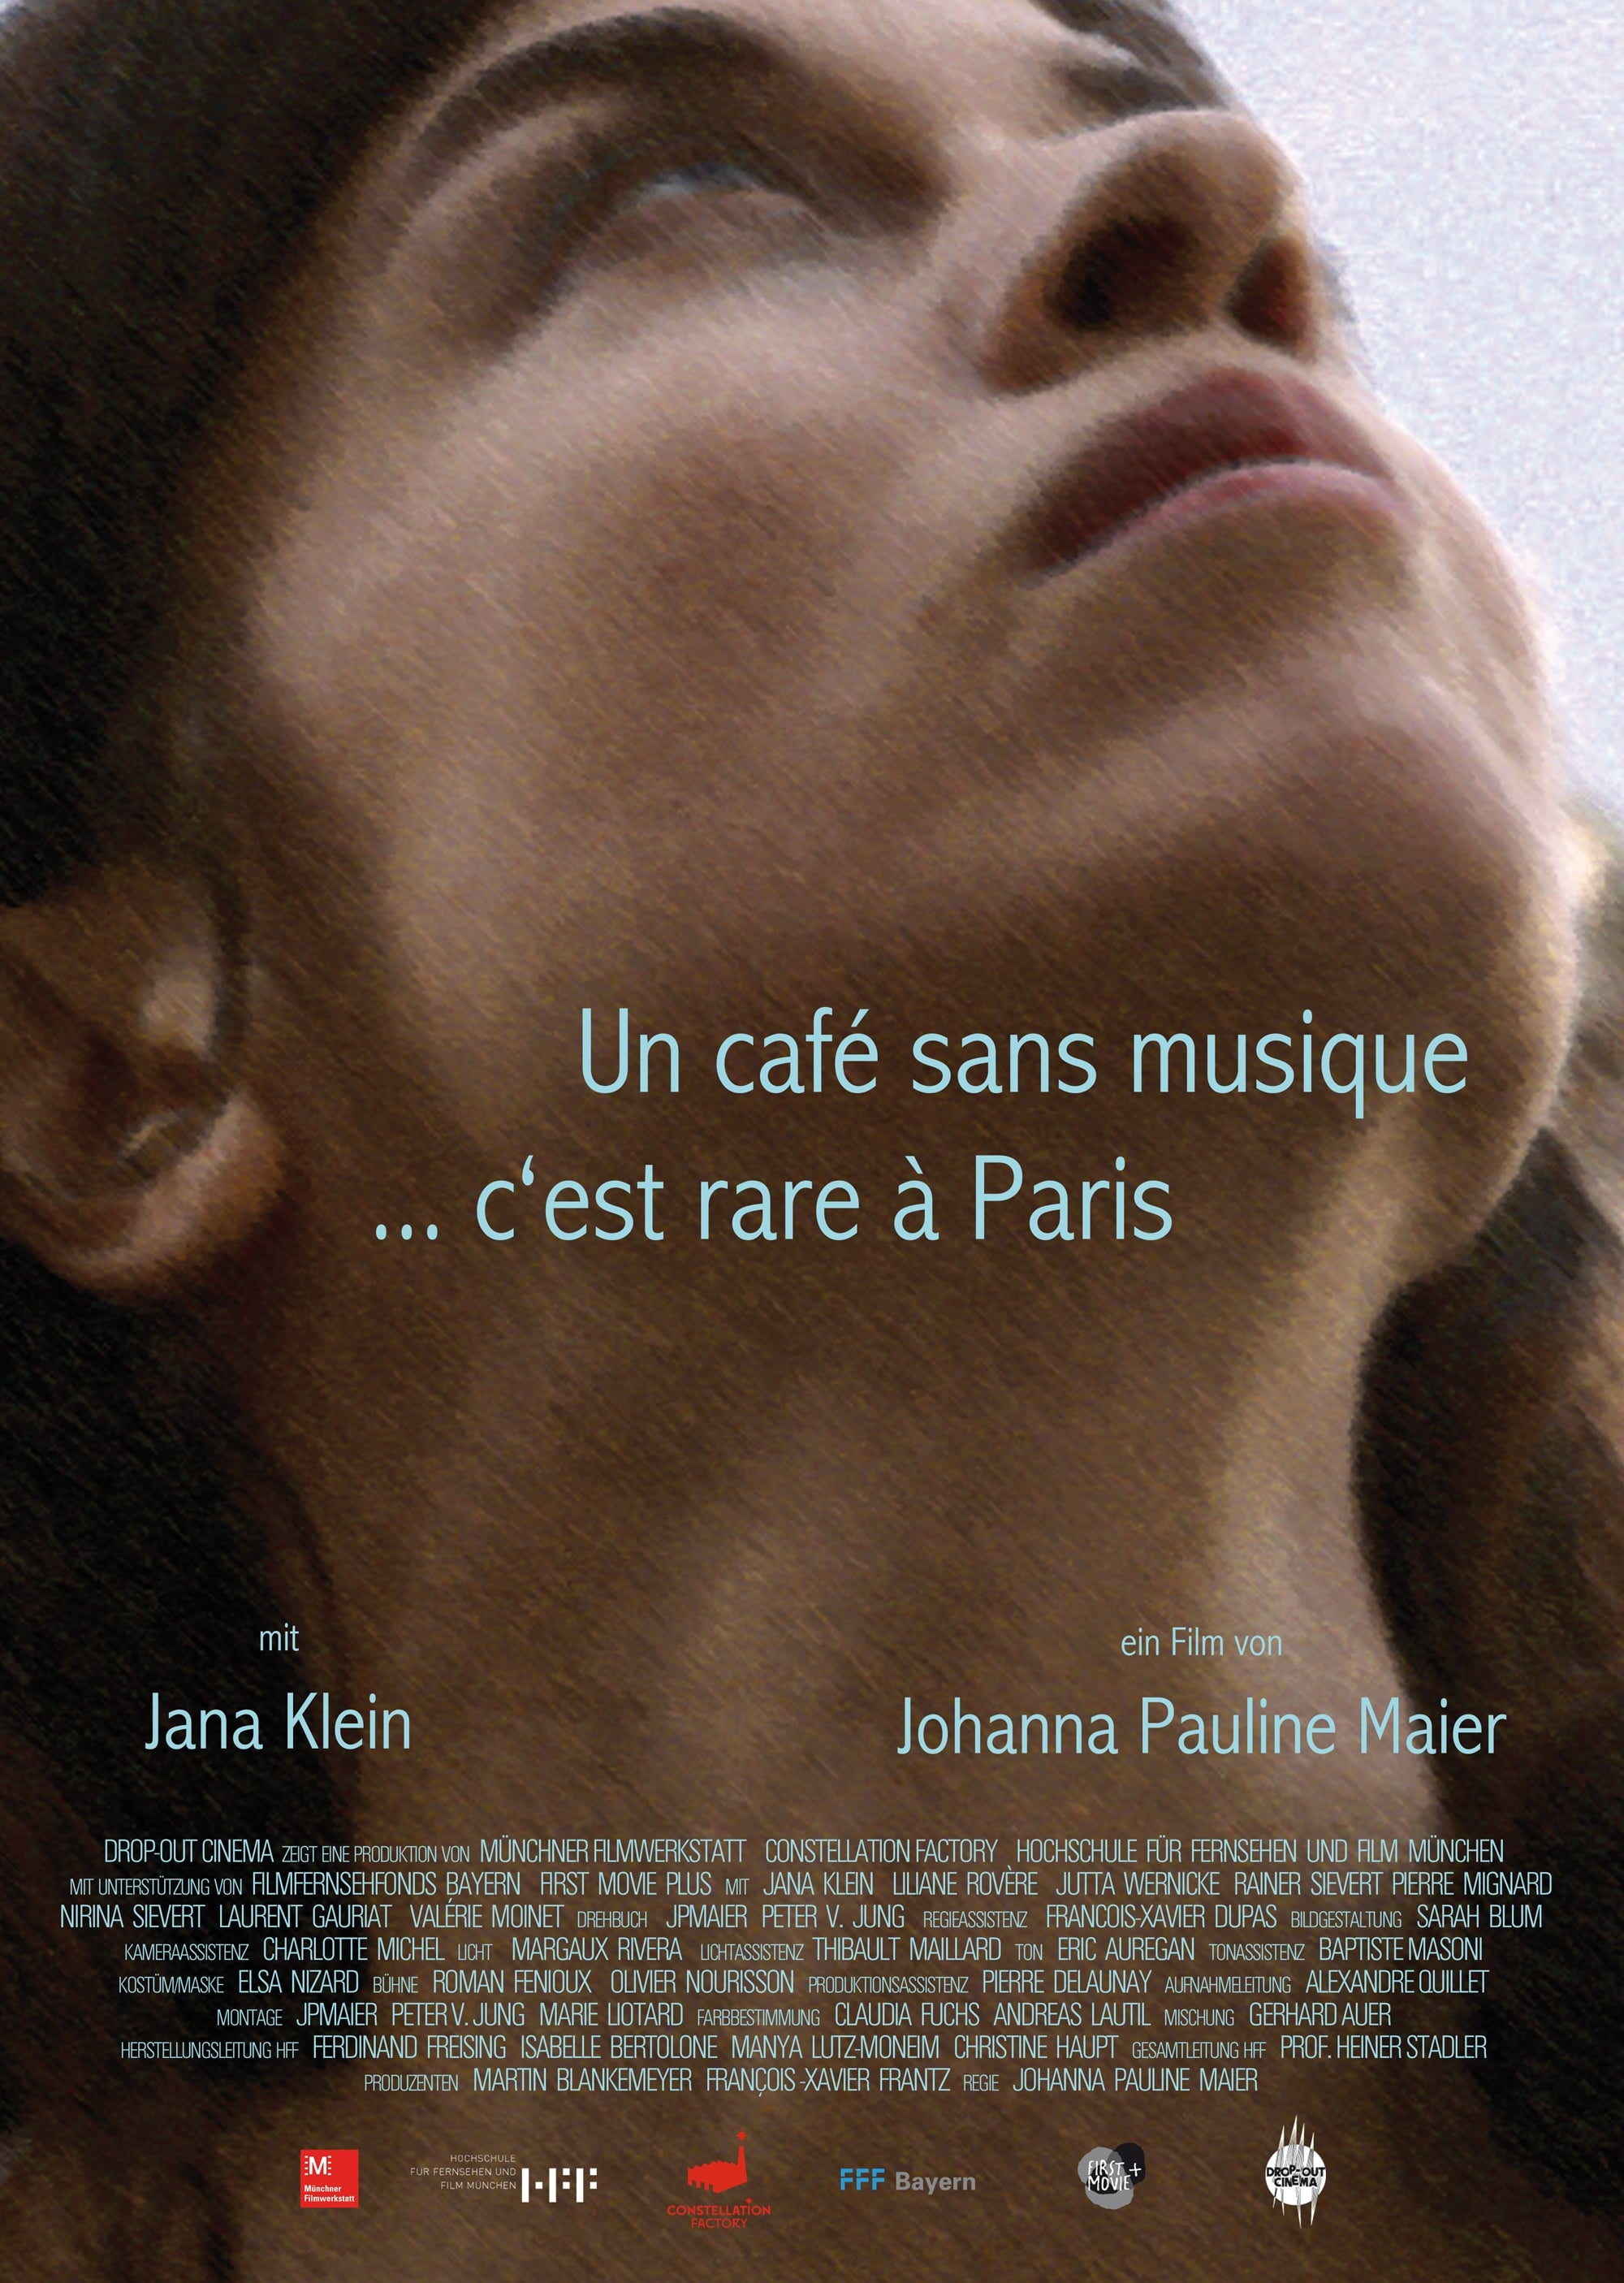 Un café sans musique c'est rare à Paris (2019)